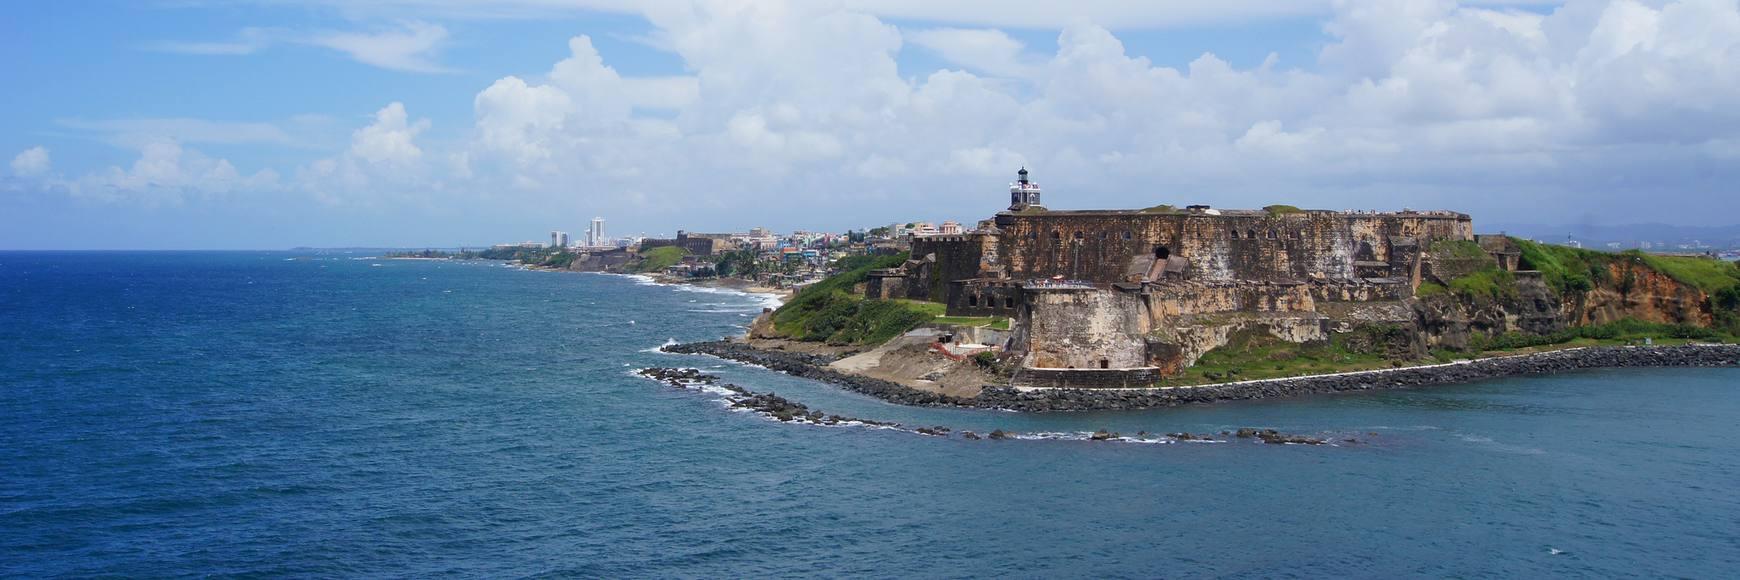 noleggio barca a vela Puerto Rico